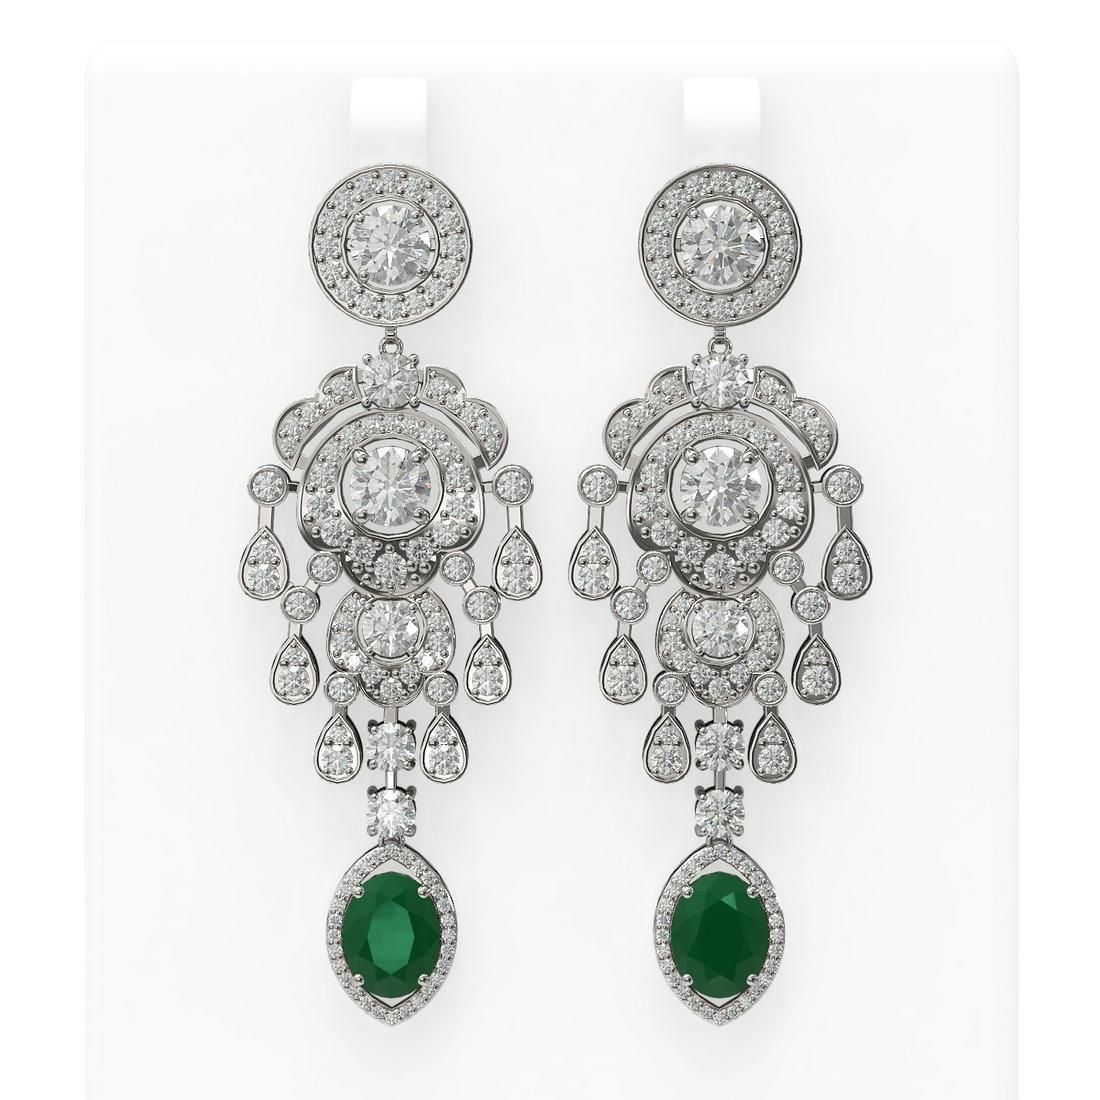 14.52 ctw Emerald & Diamond Earrings 18K White Gold